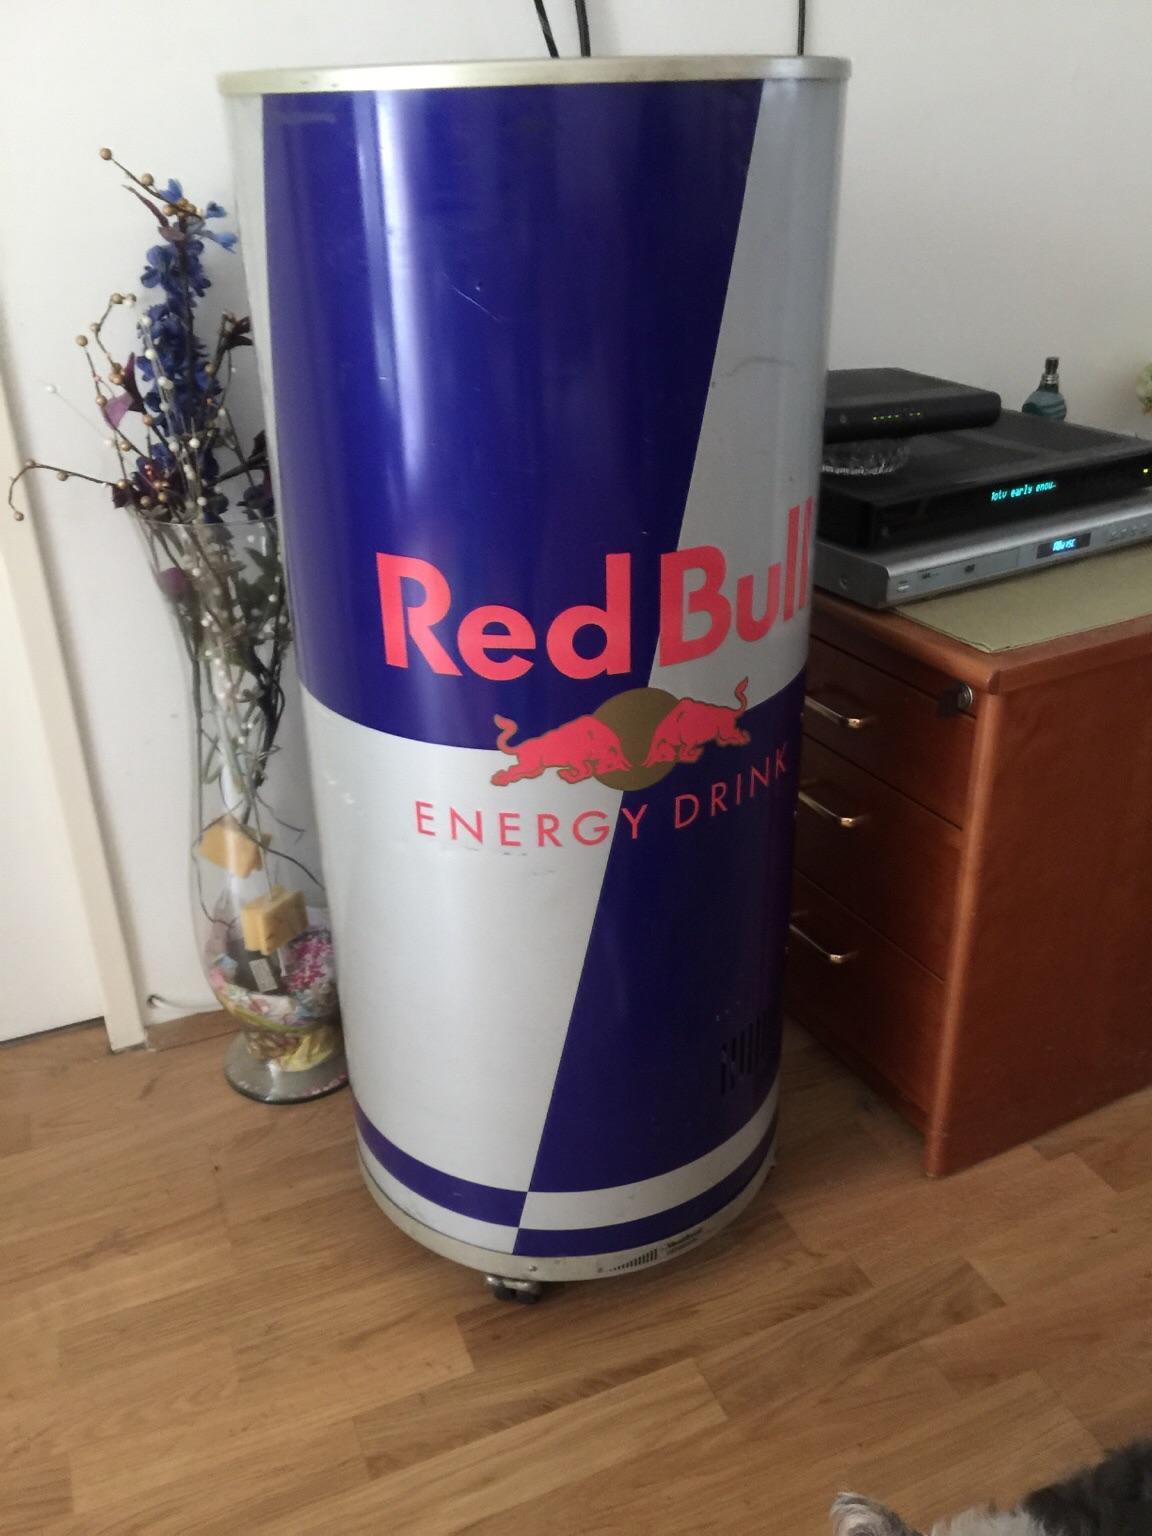 Red Bull Kühlschrank Verkaufen : Gebraucht verkaufe redbull kühlschrank in wien um u ac